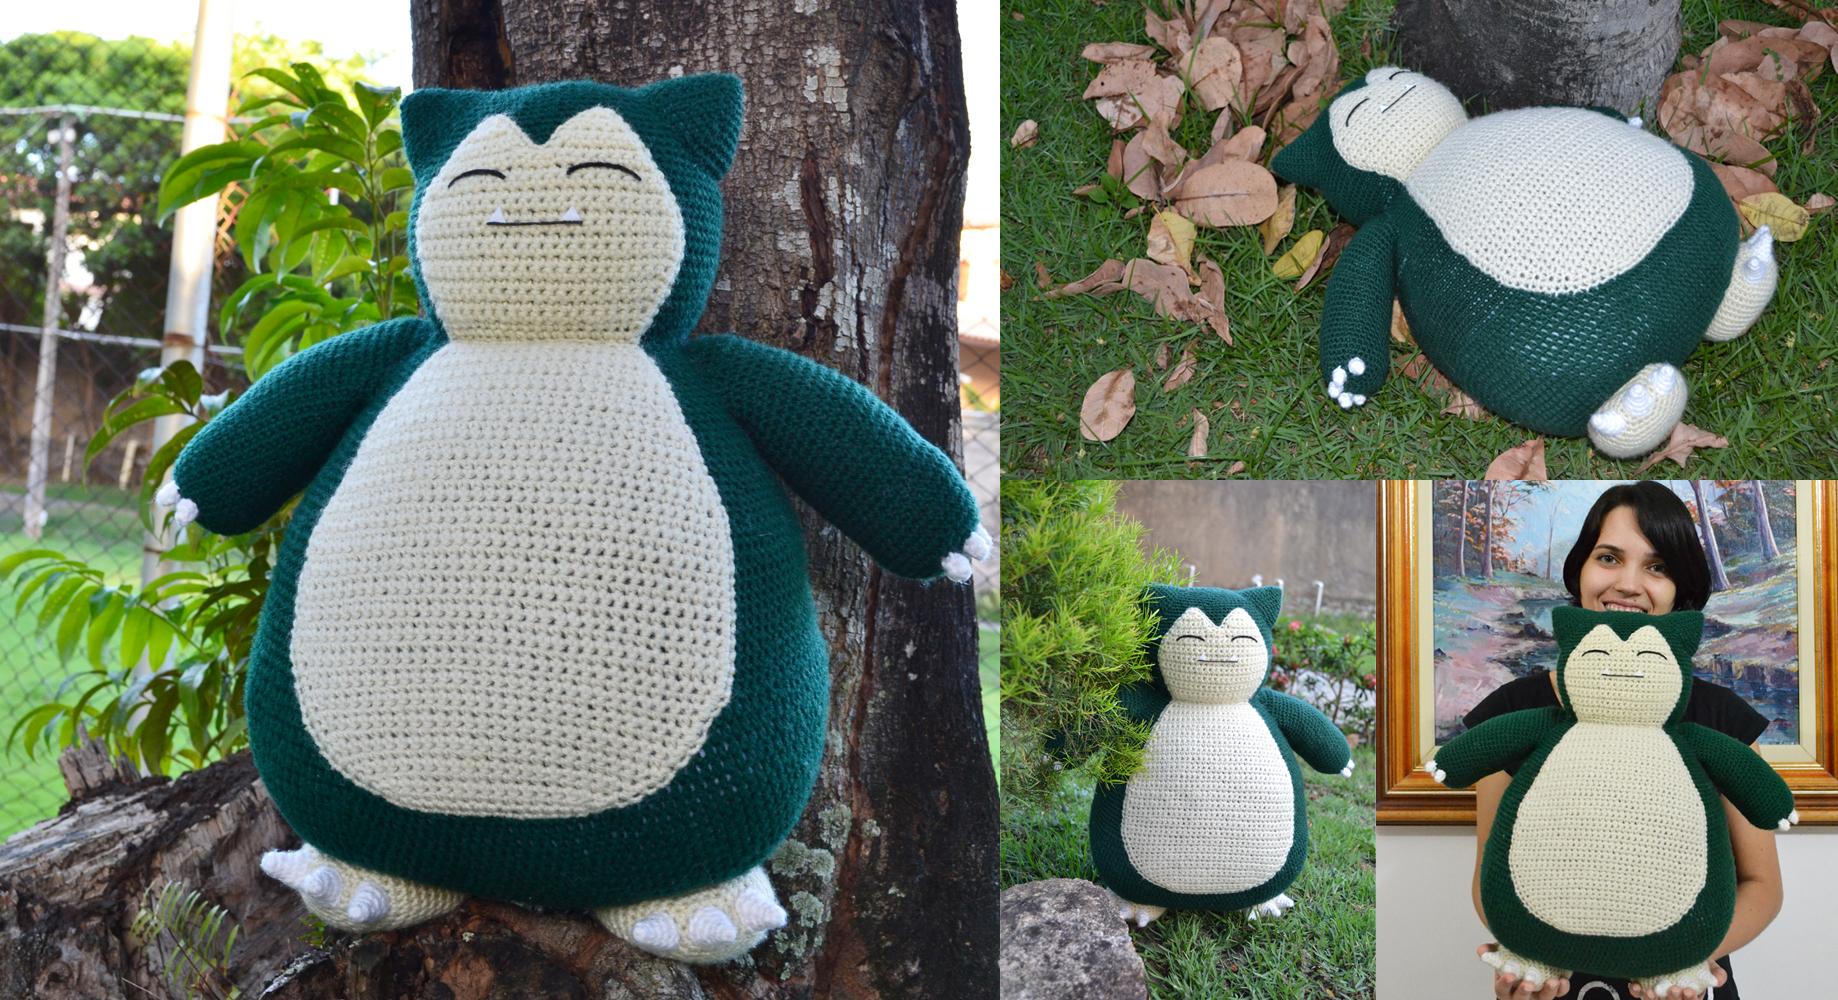 Amigurumi Pokemon Snorlax : Snorlax Amigurumi. by MiaHandcrafter on DeviantArt